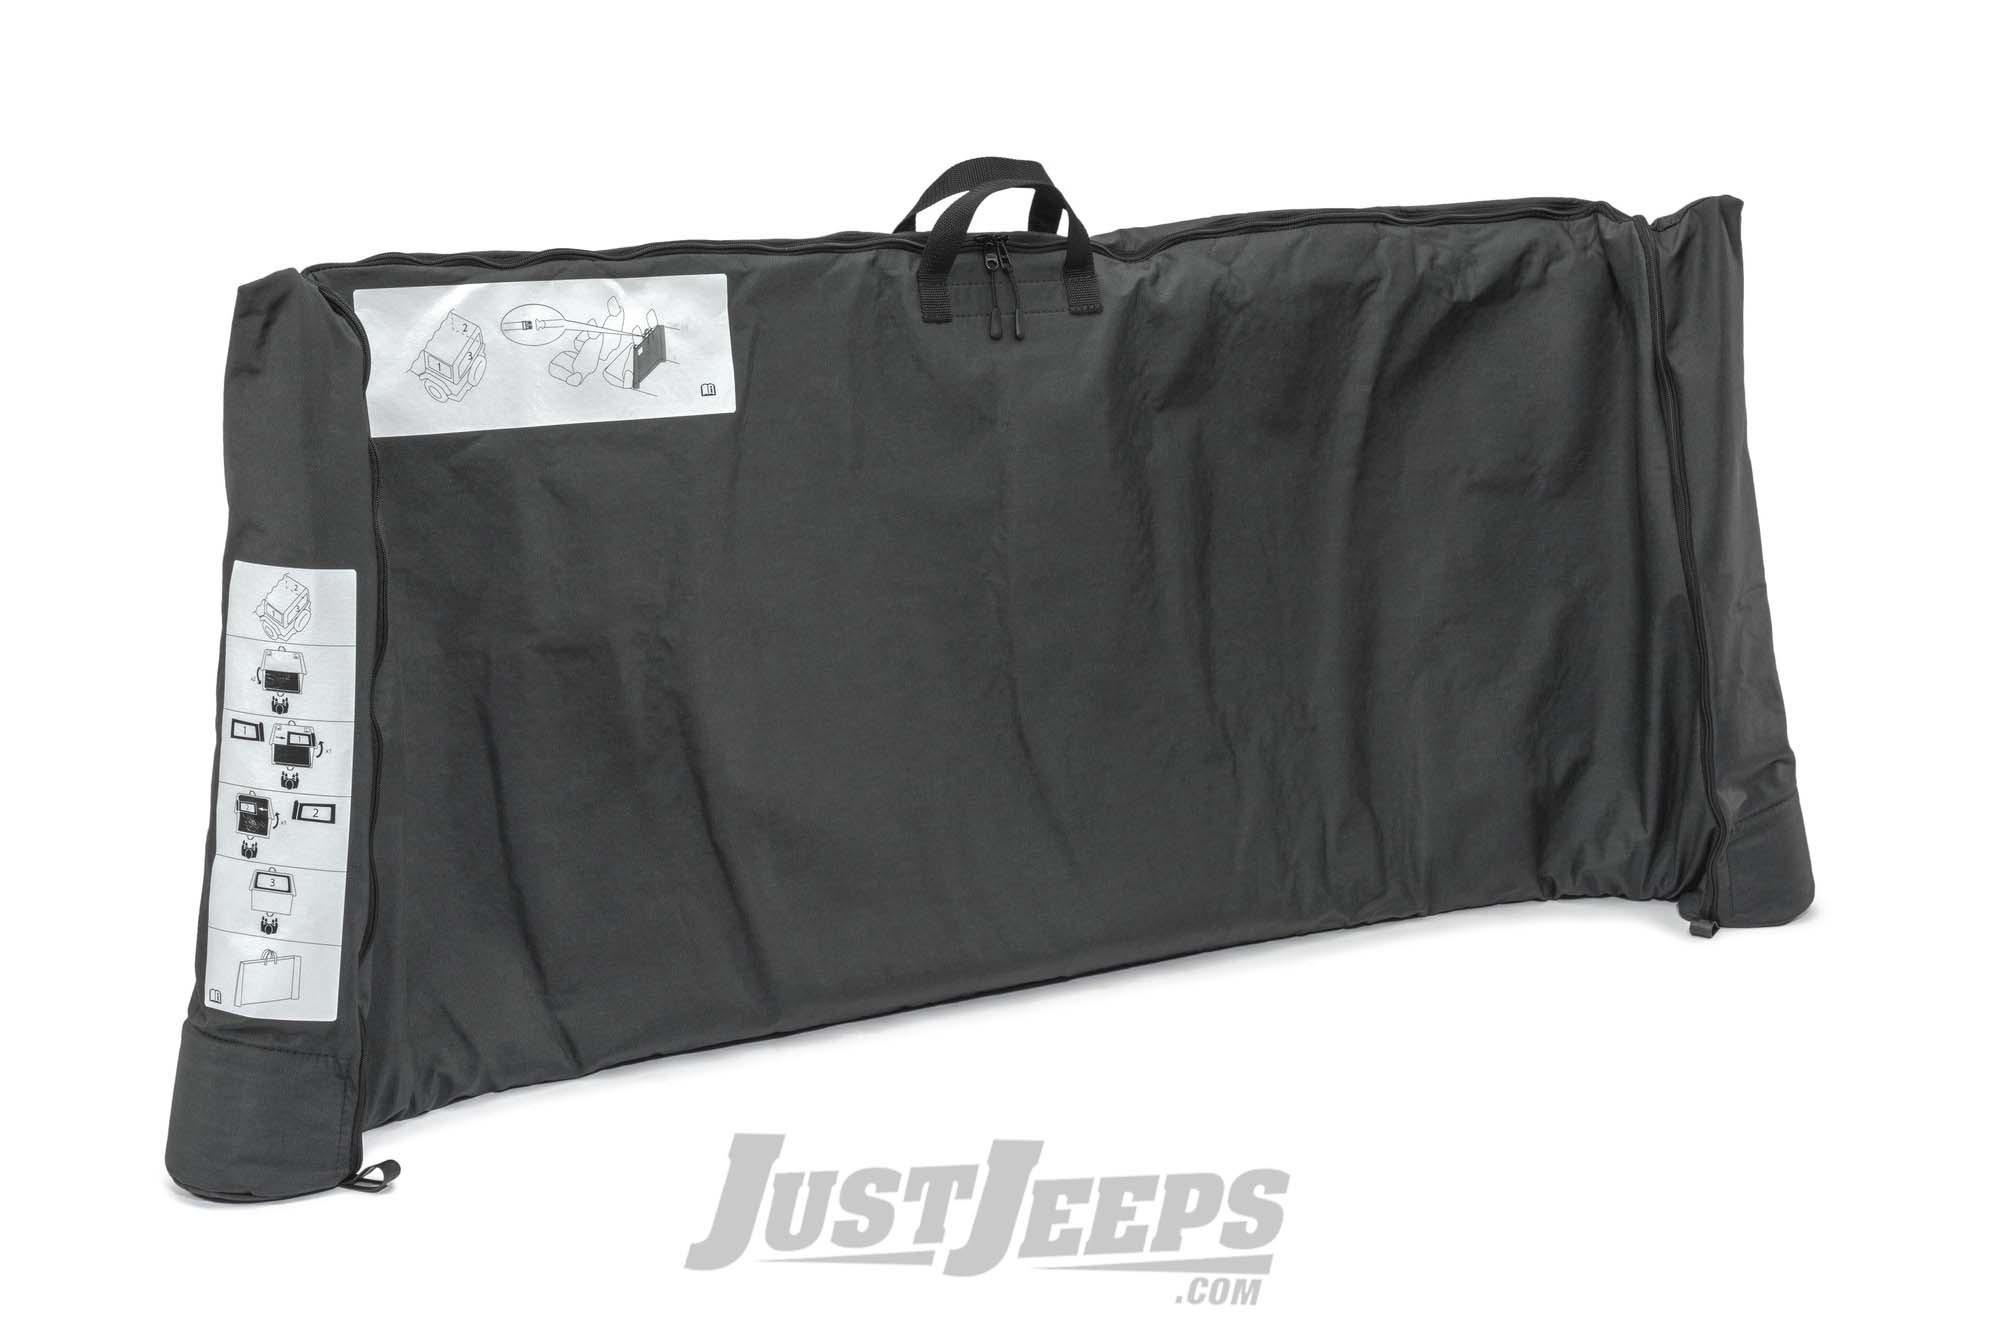 MOPAR Soft Window Storage Bag For 2018+ Jeep Wrangler JL Unlimited 4 Door Models 68358392AC